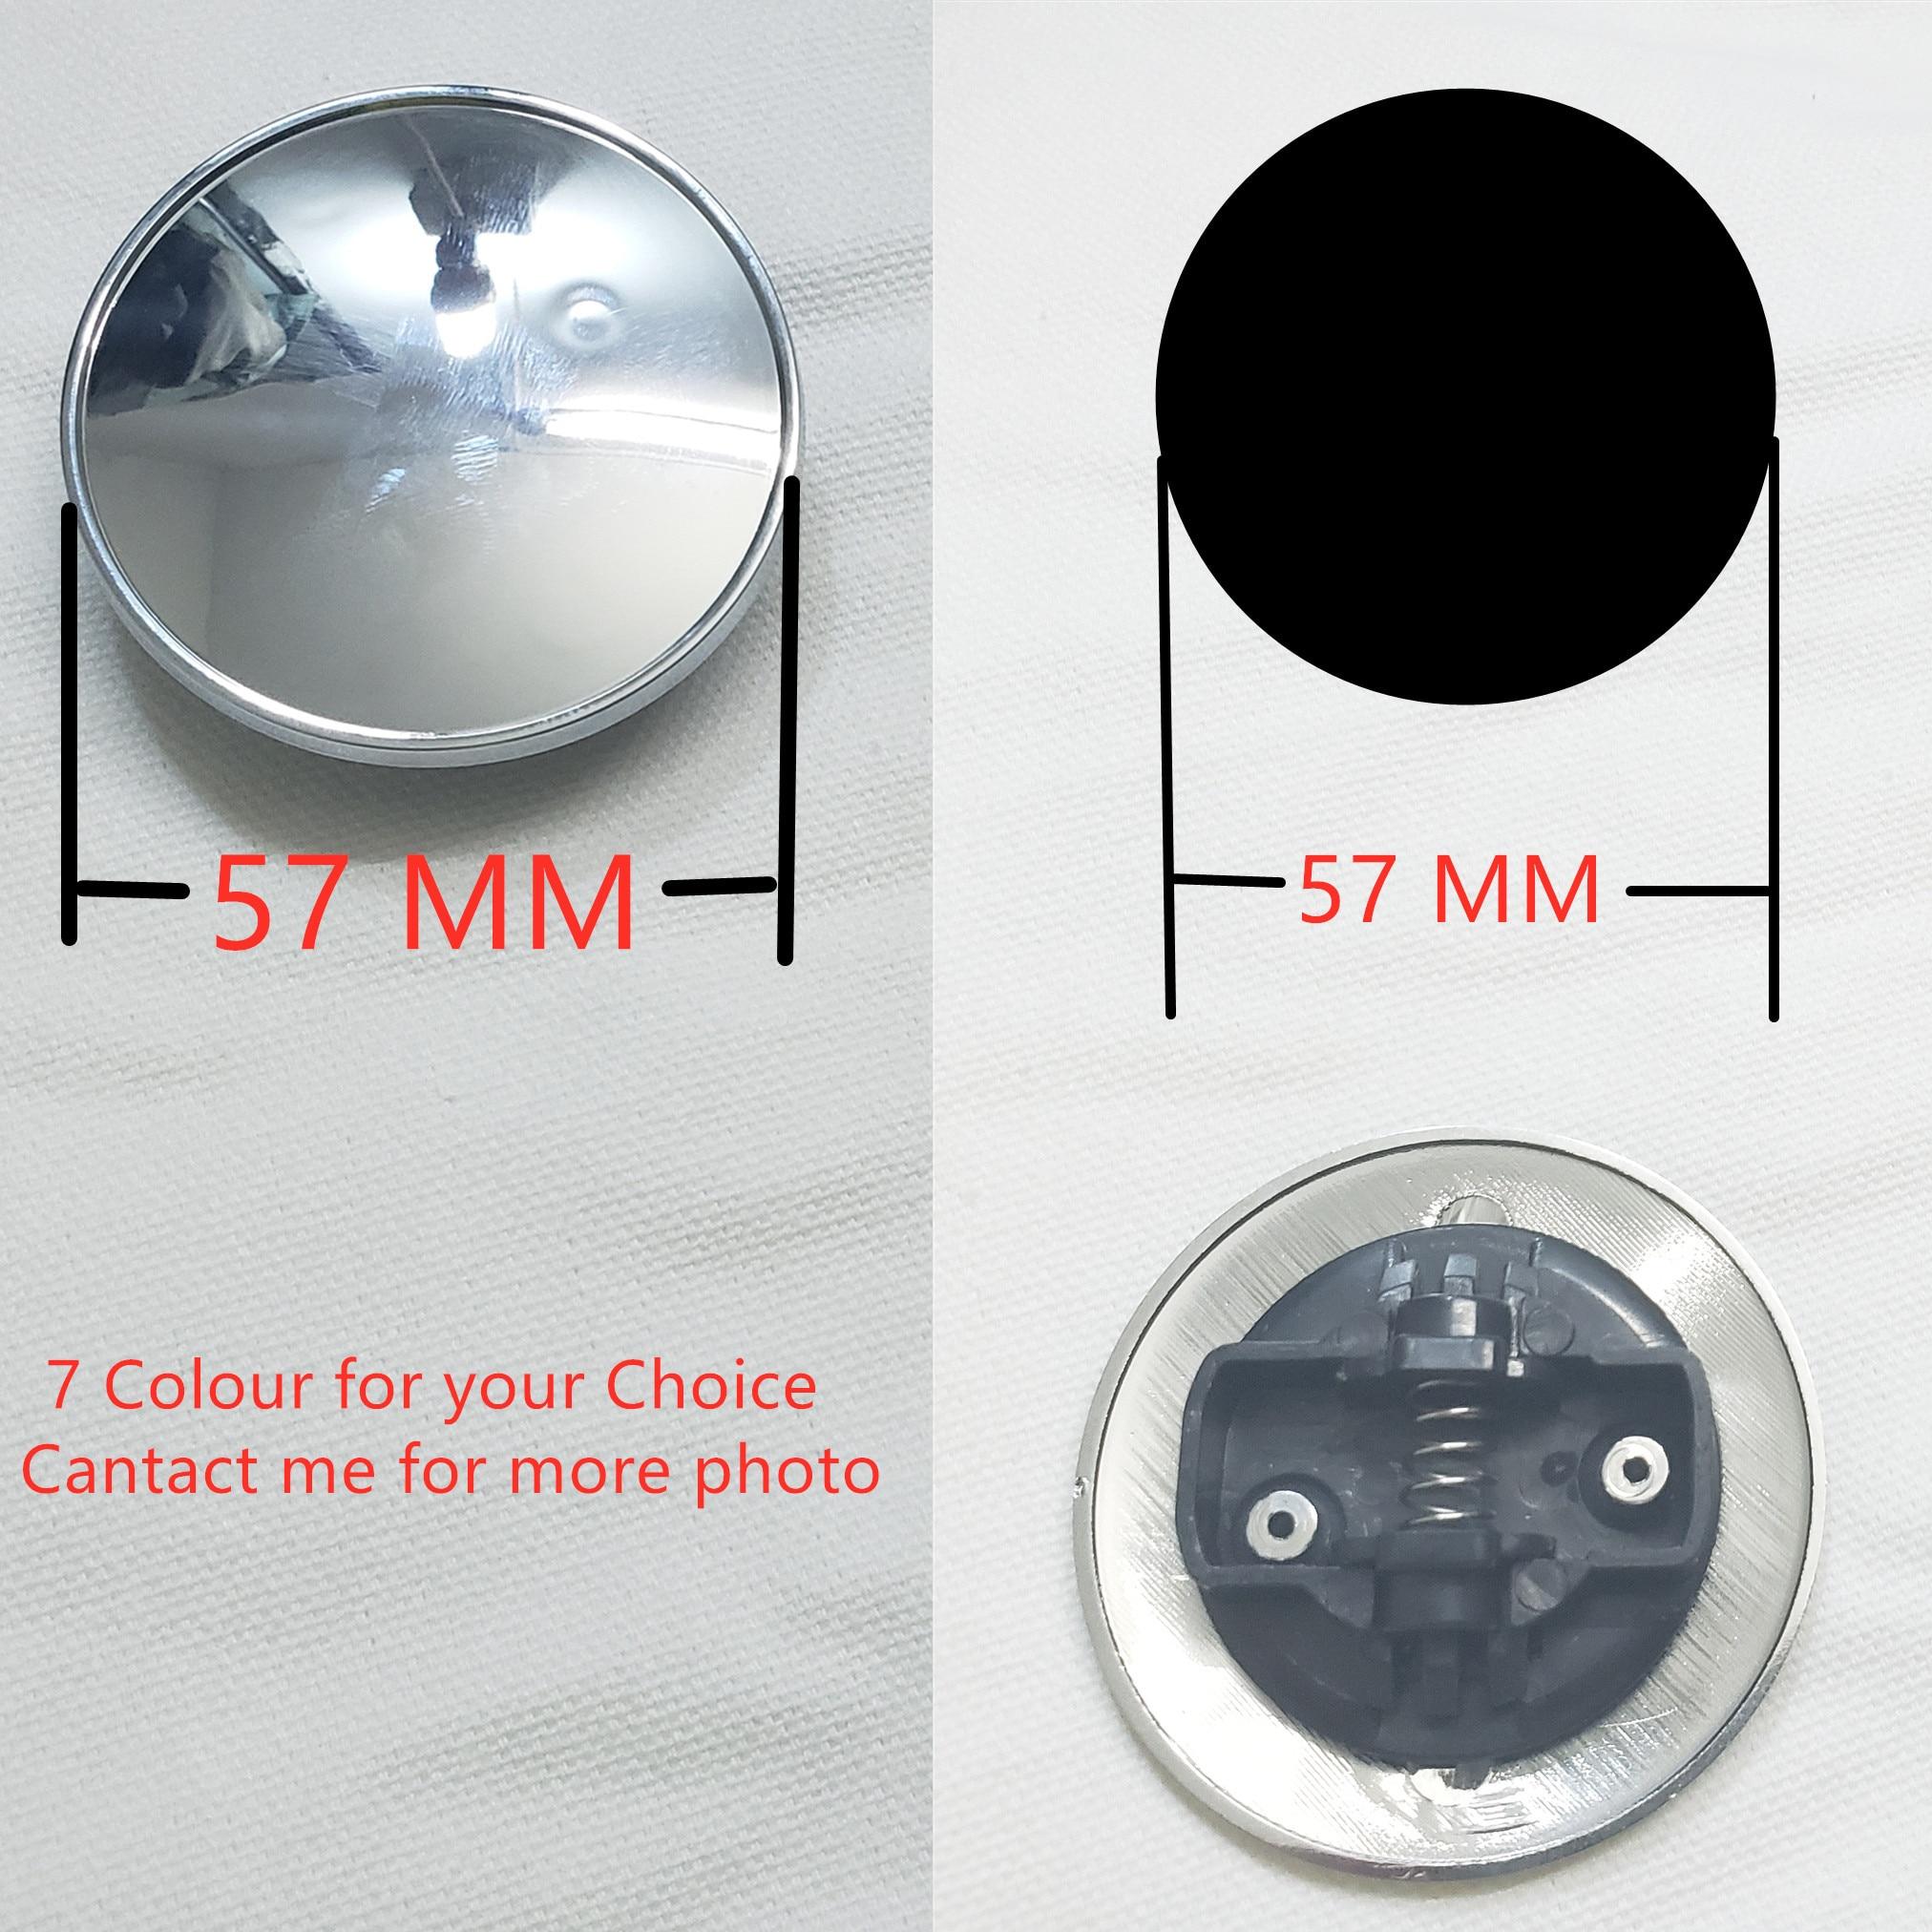 Multiple Styles Black Blue Wreath Apple tree 57mm Bonnet Hood Emblem Badge for Mercedes w124 w140 w163 w202 w203 w204 w210